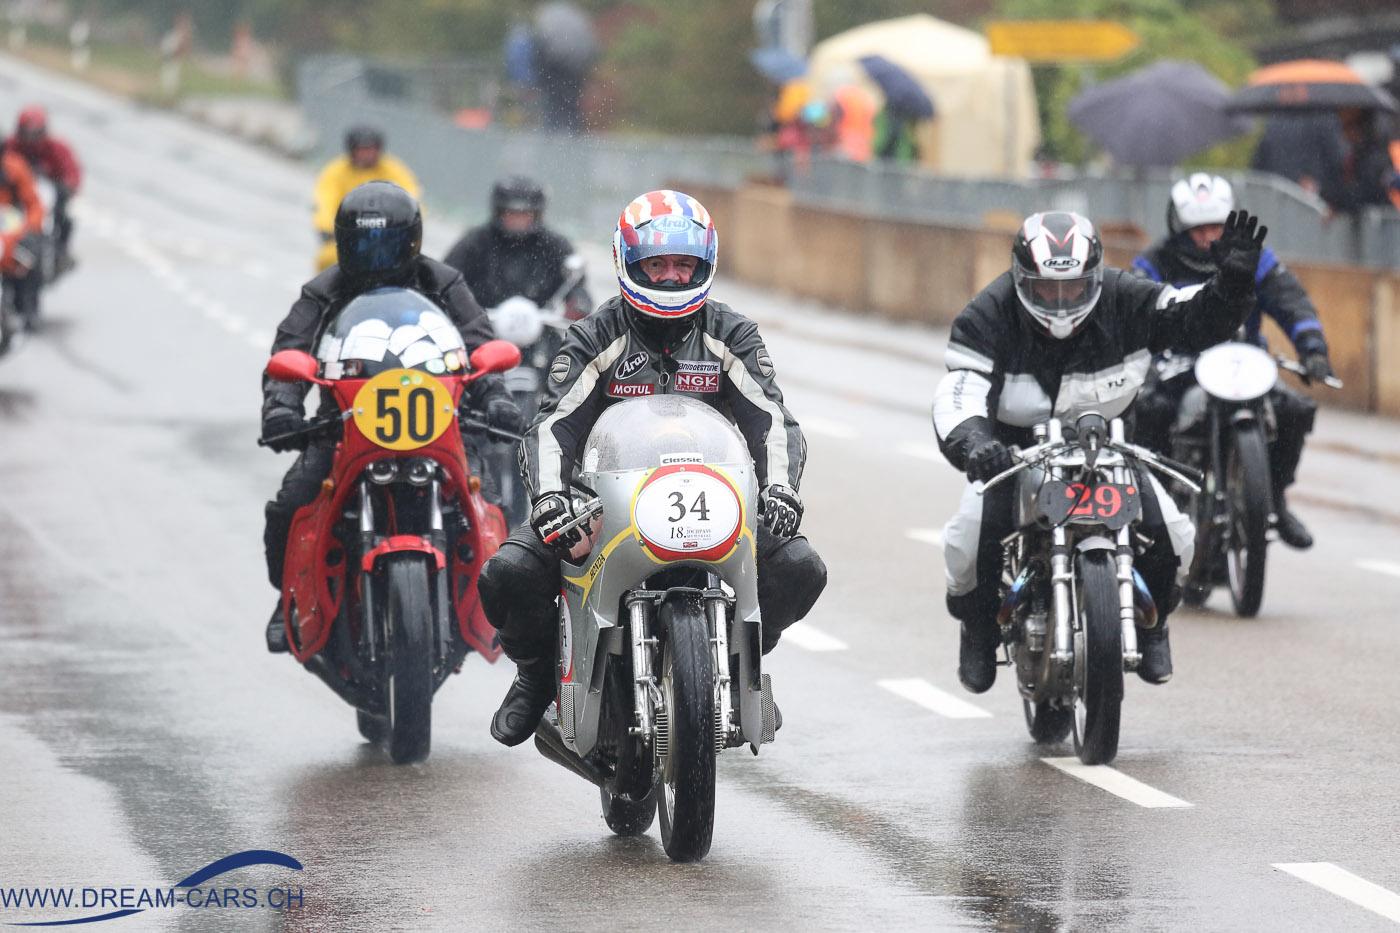 18. Jochpass Memorial Bad Hindelang 2016. Für die rund 60 Motorradfahrer waren die Strassenverhältnisse besonders schwierig